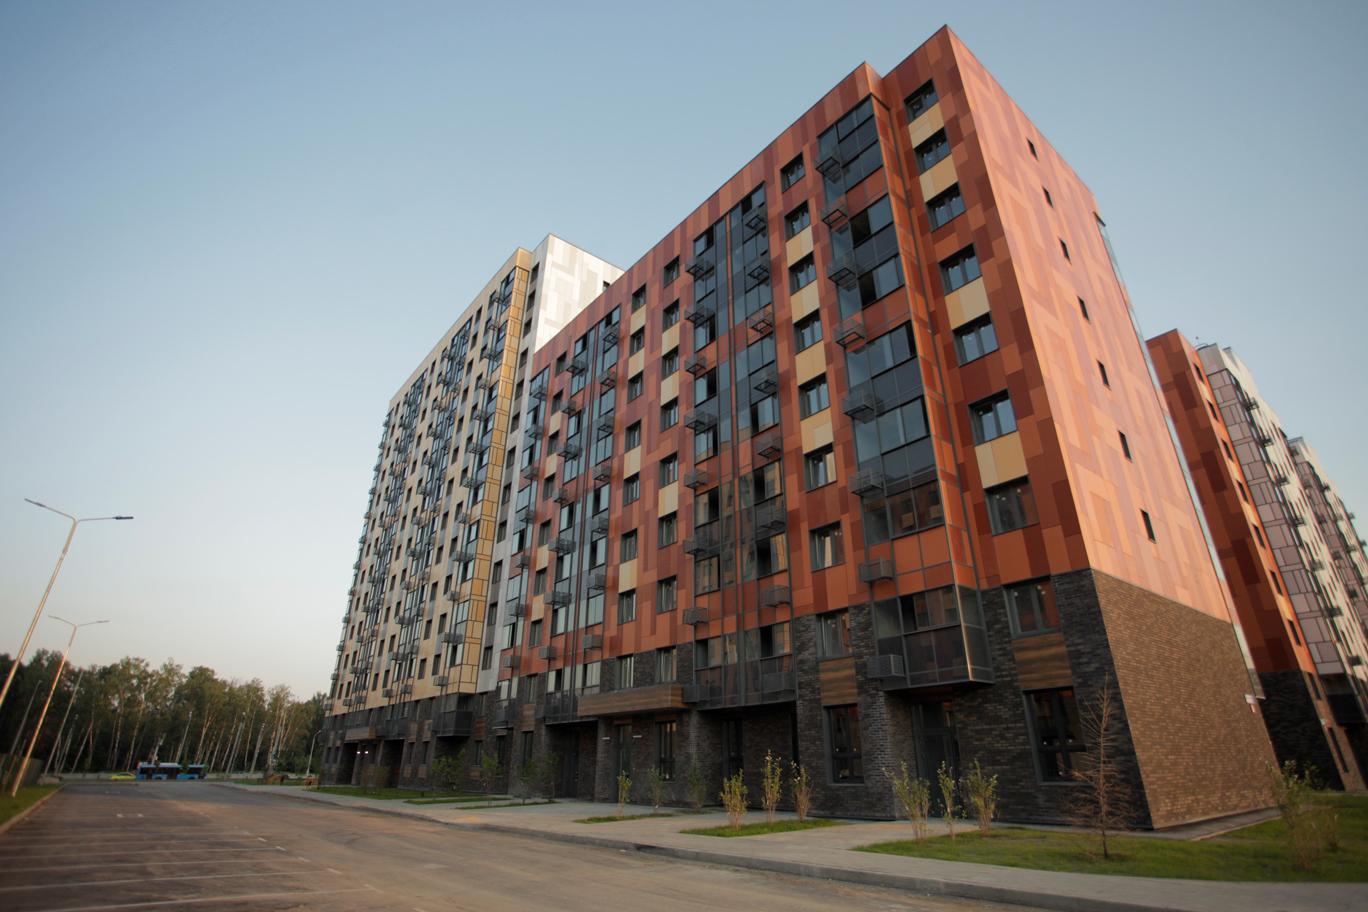 Группа компаний МИЦ сдала вэксплуатацию многоэтажный дом вНовой Москве